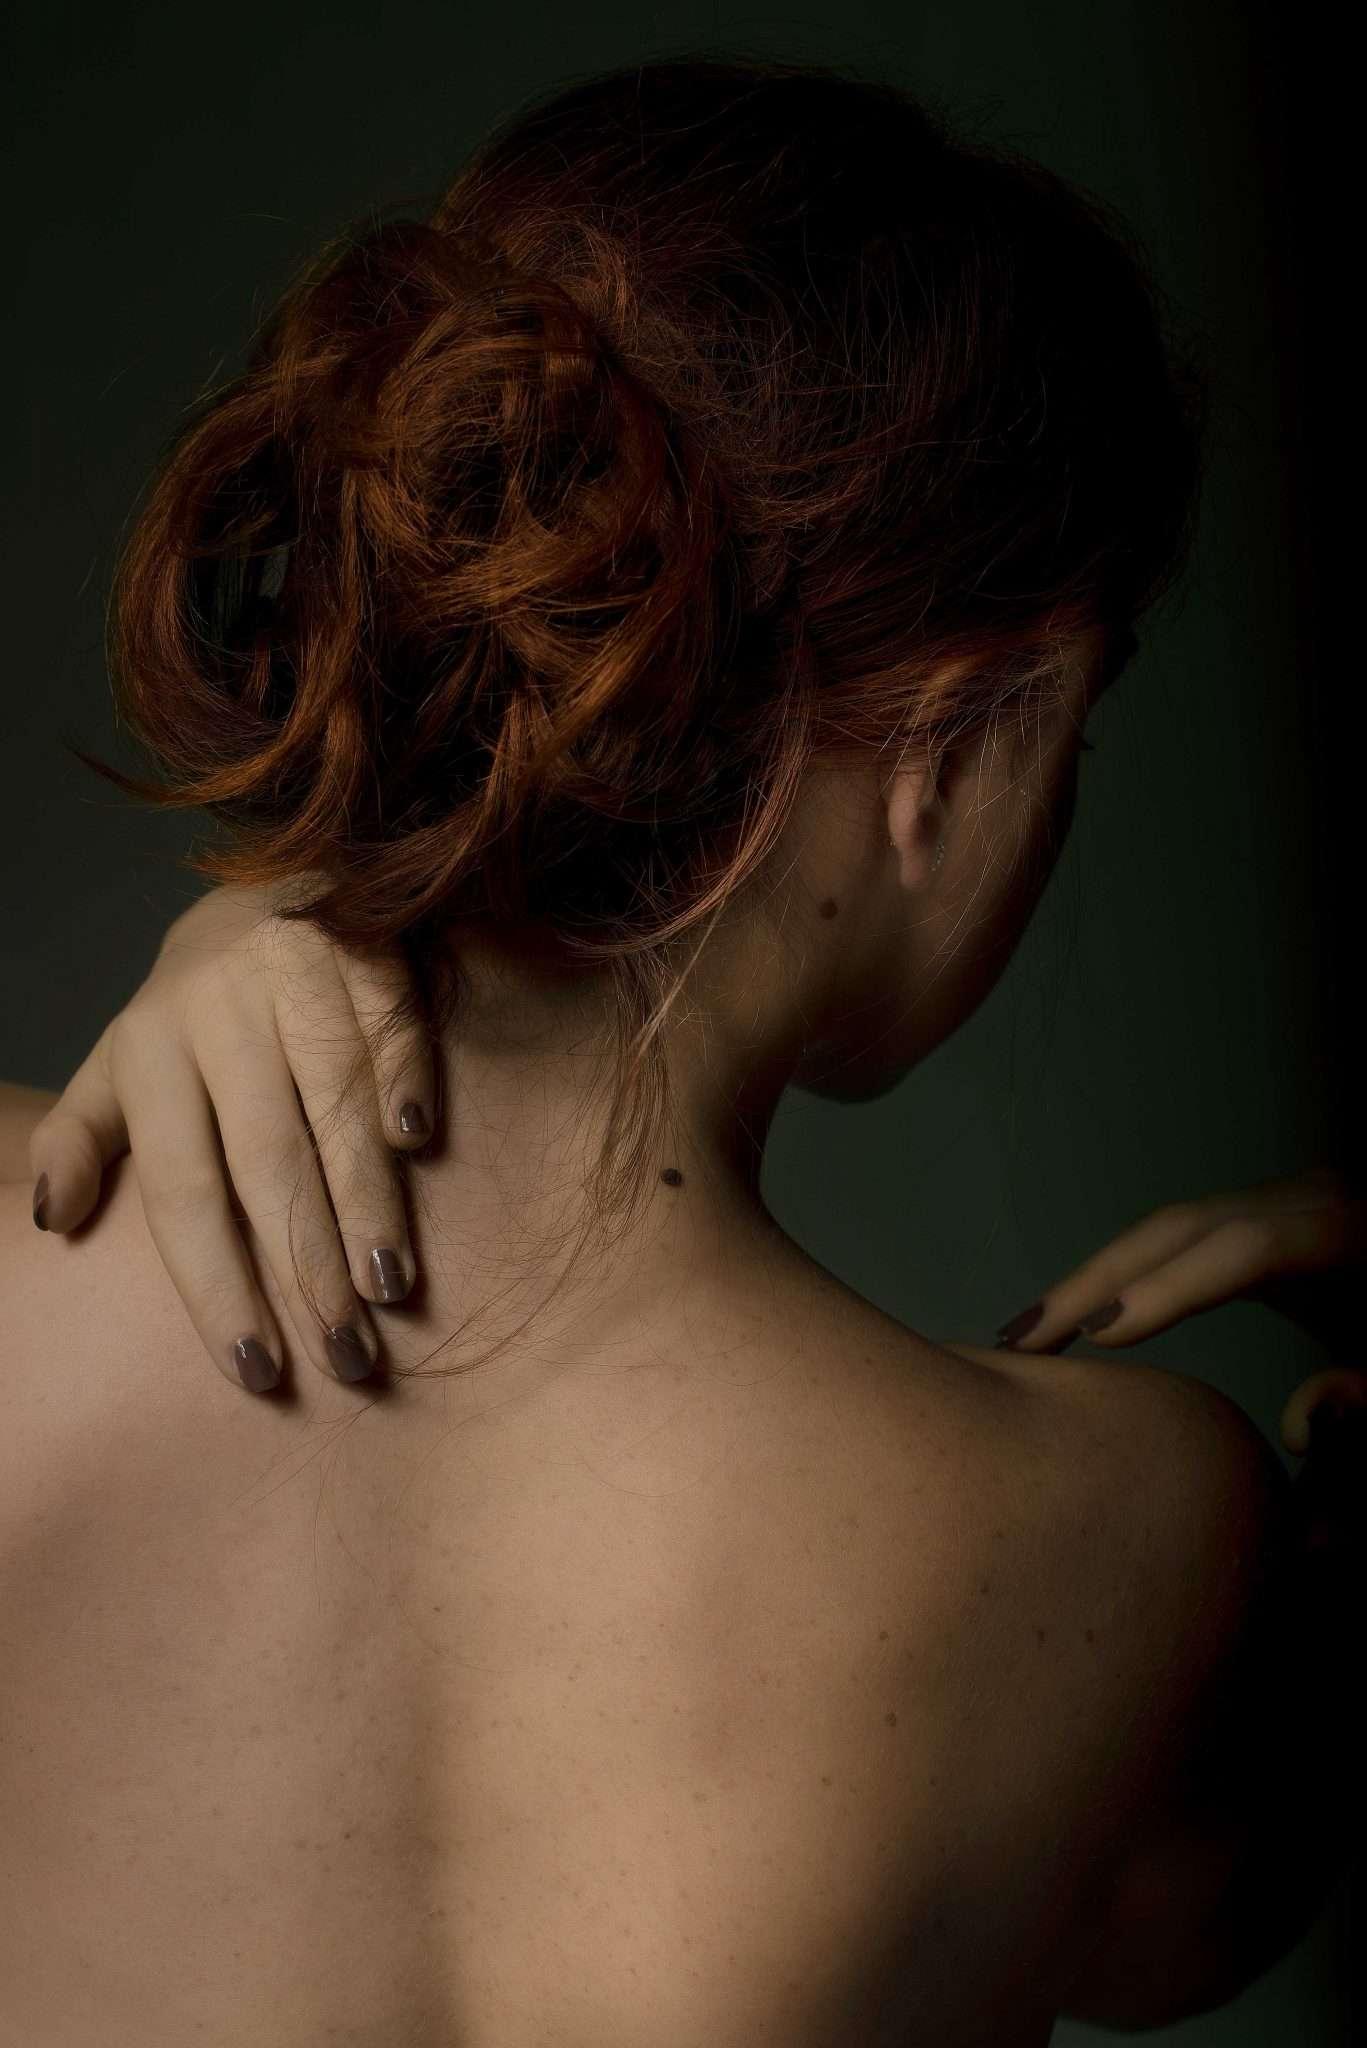 Fotografia ritratto maria capelli rossi realizzata da Barbara Trincone, fotografa ritrattista professionista, esegue servizi di creazione ed ampliamento look book per modelle/i e attori